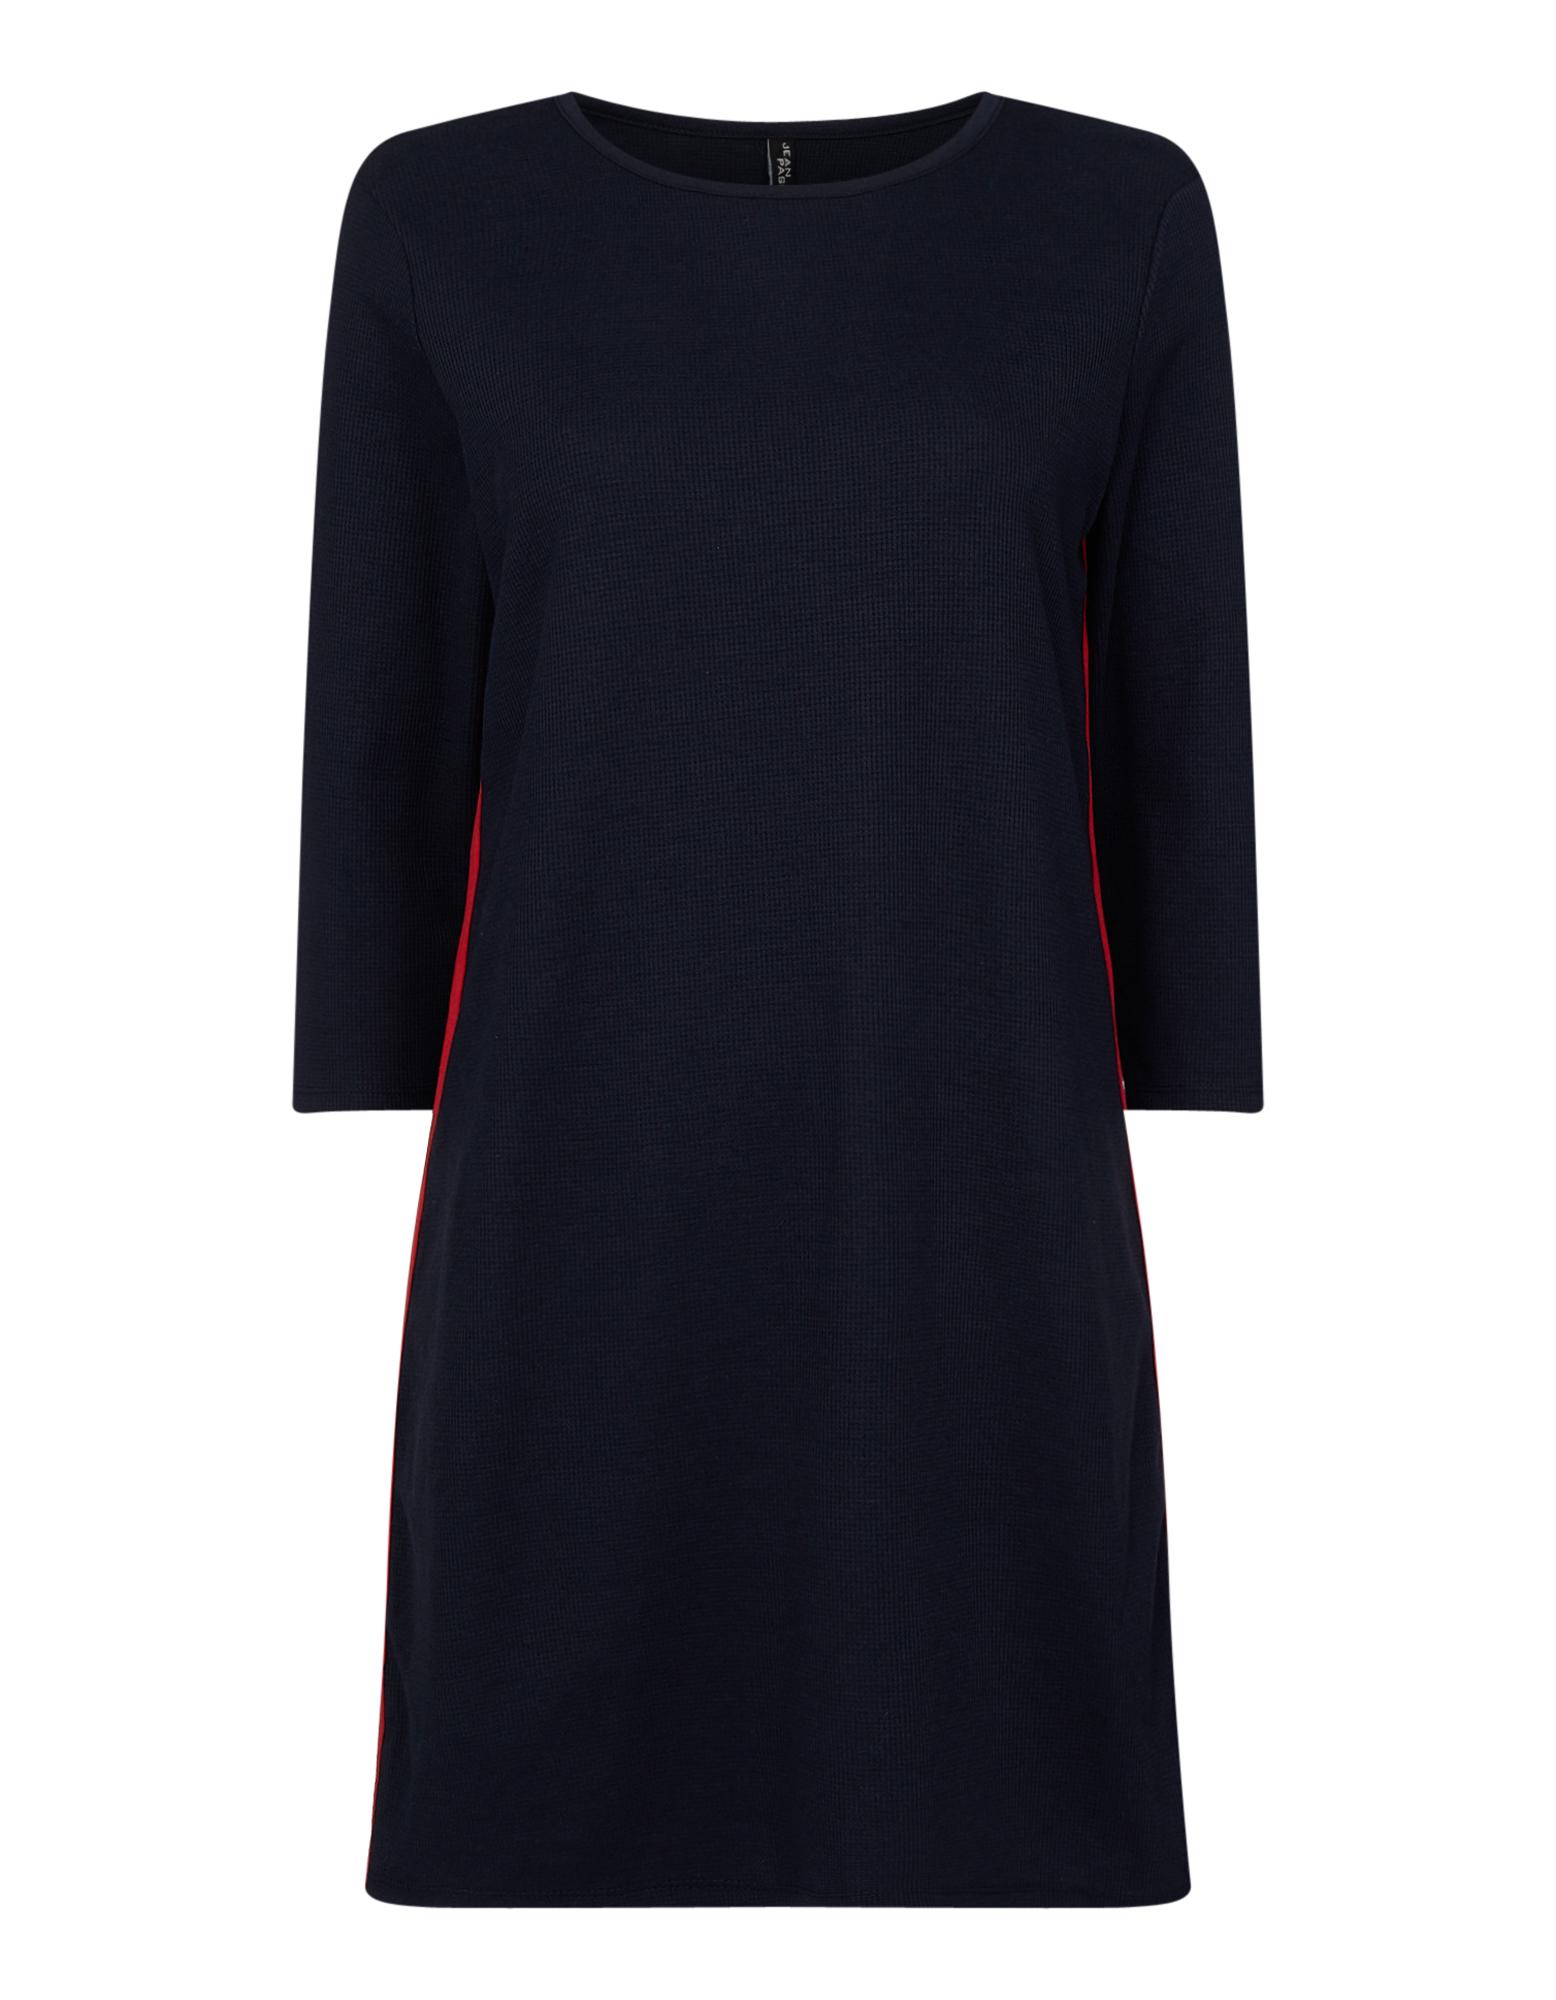 Für Online Kaufendamenmode Sonstige Kleider Takko Fashion Damen bfyY76Igv